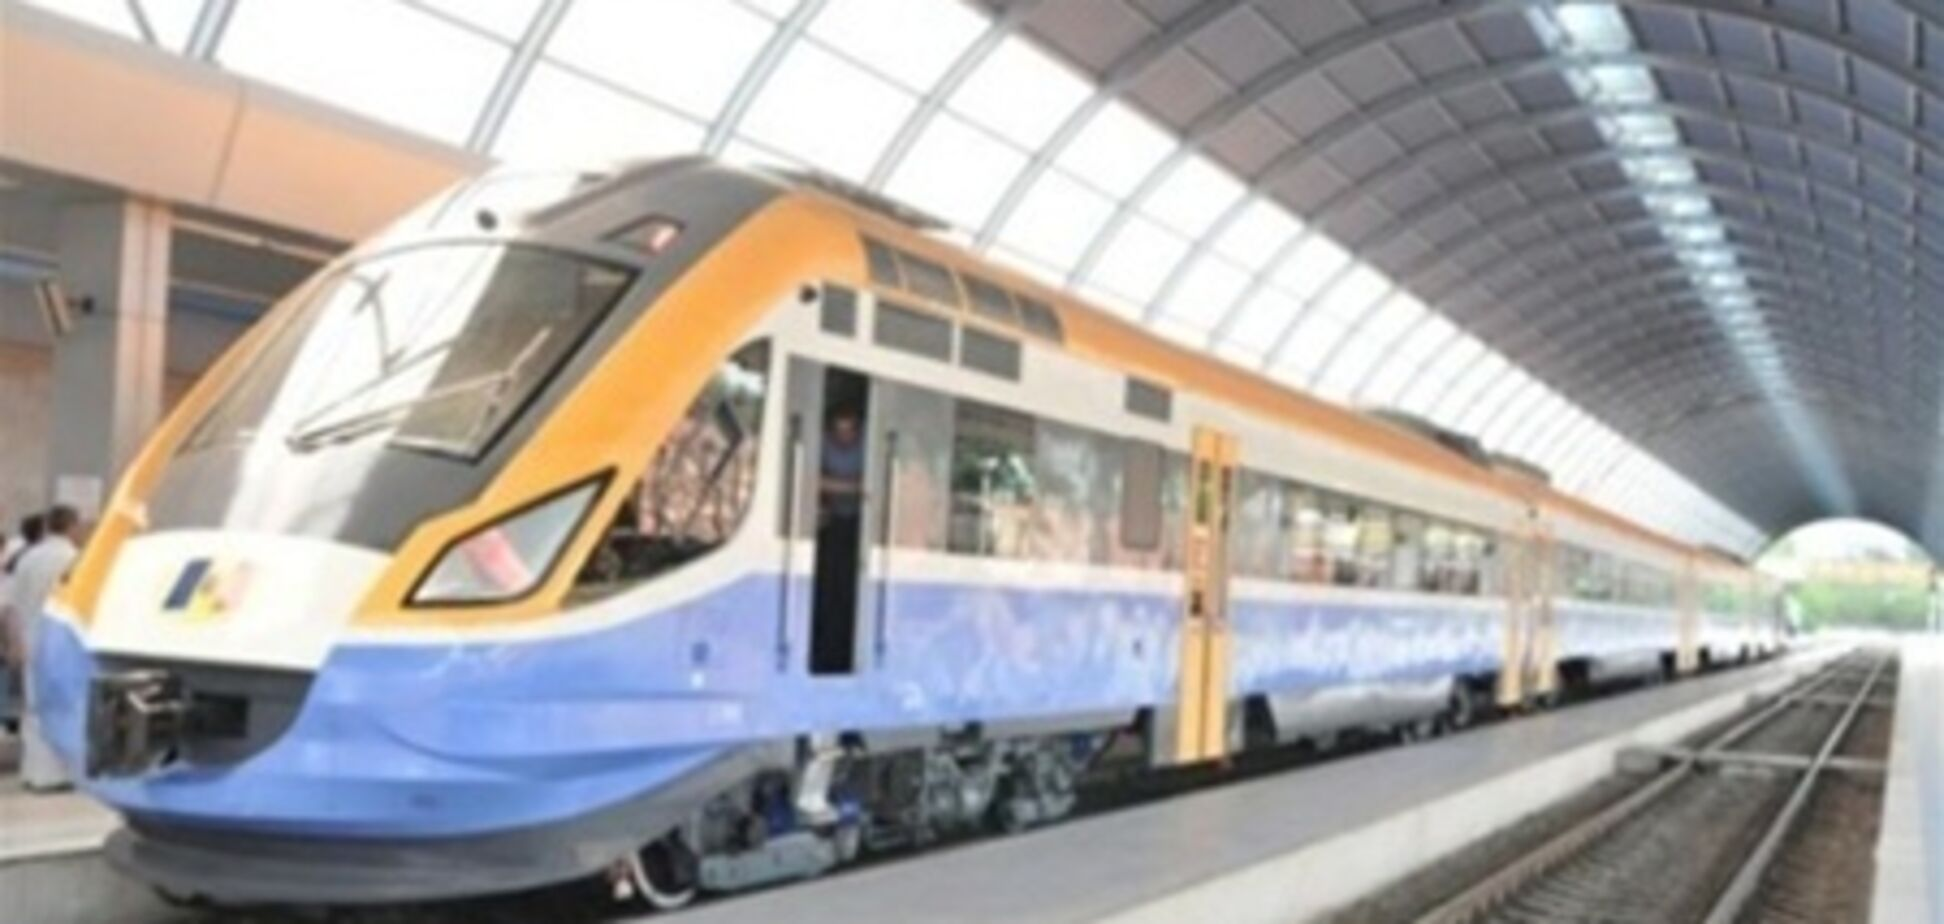 Украина и Молдова не могут договориться о запуске поезда 'Кишинев-Одесса'